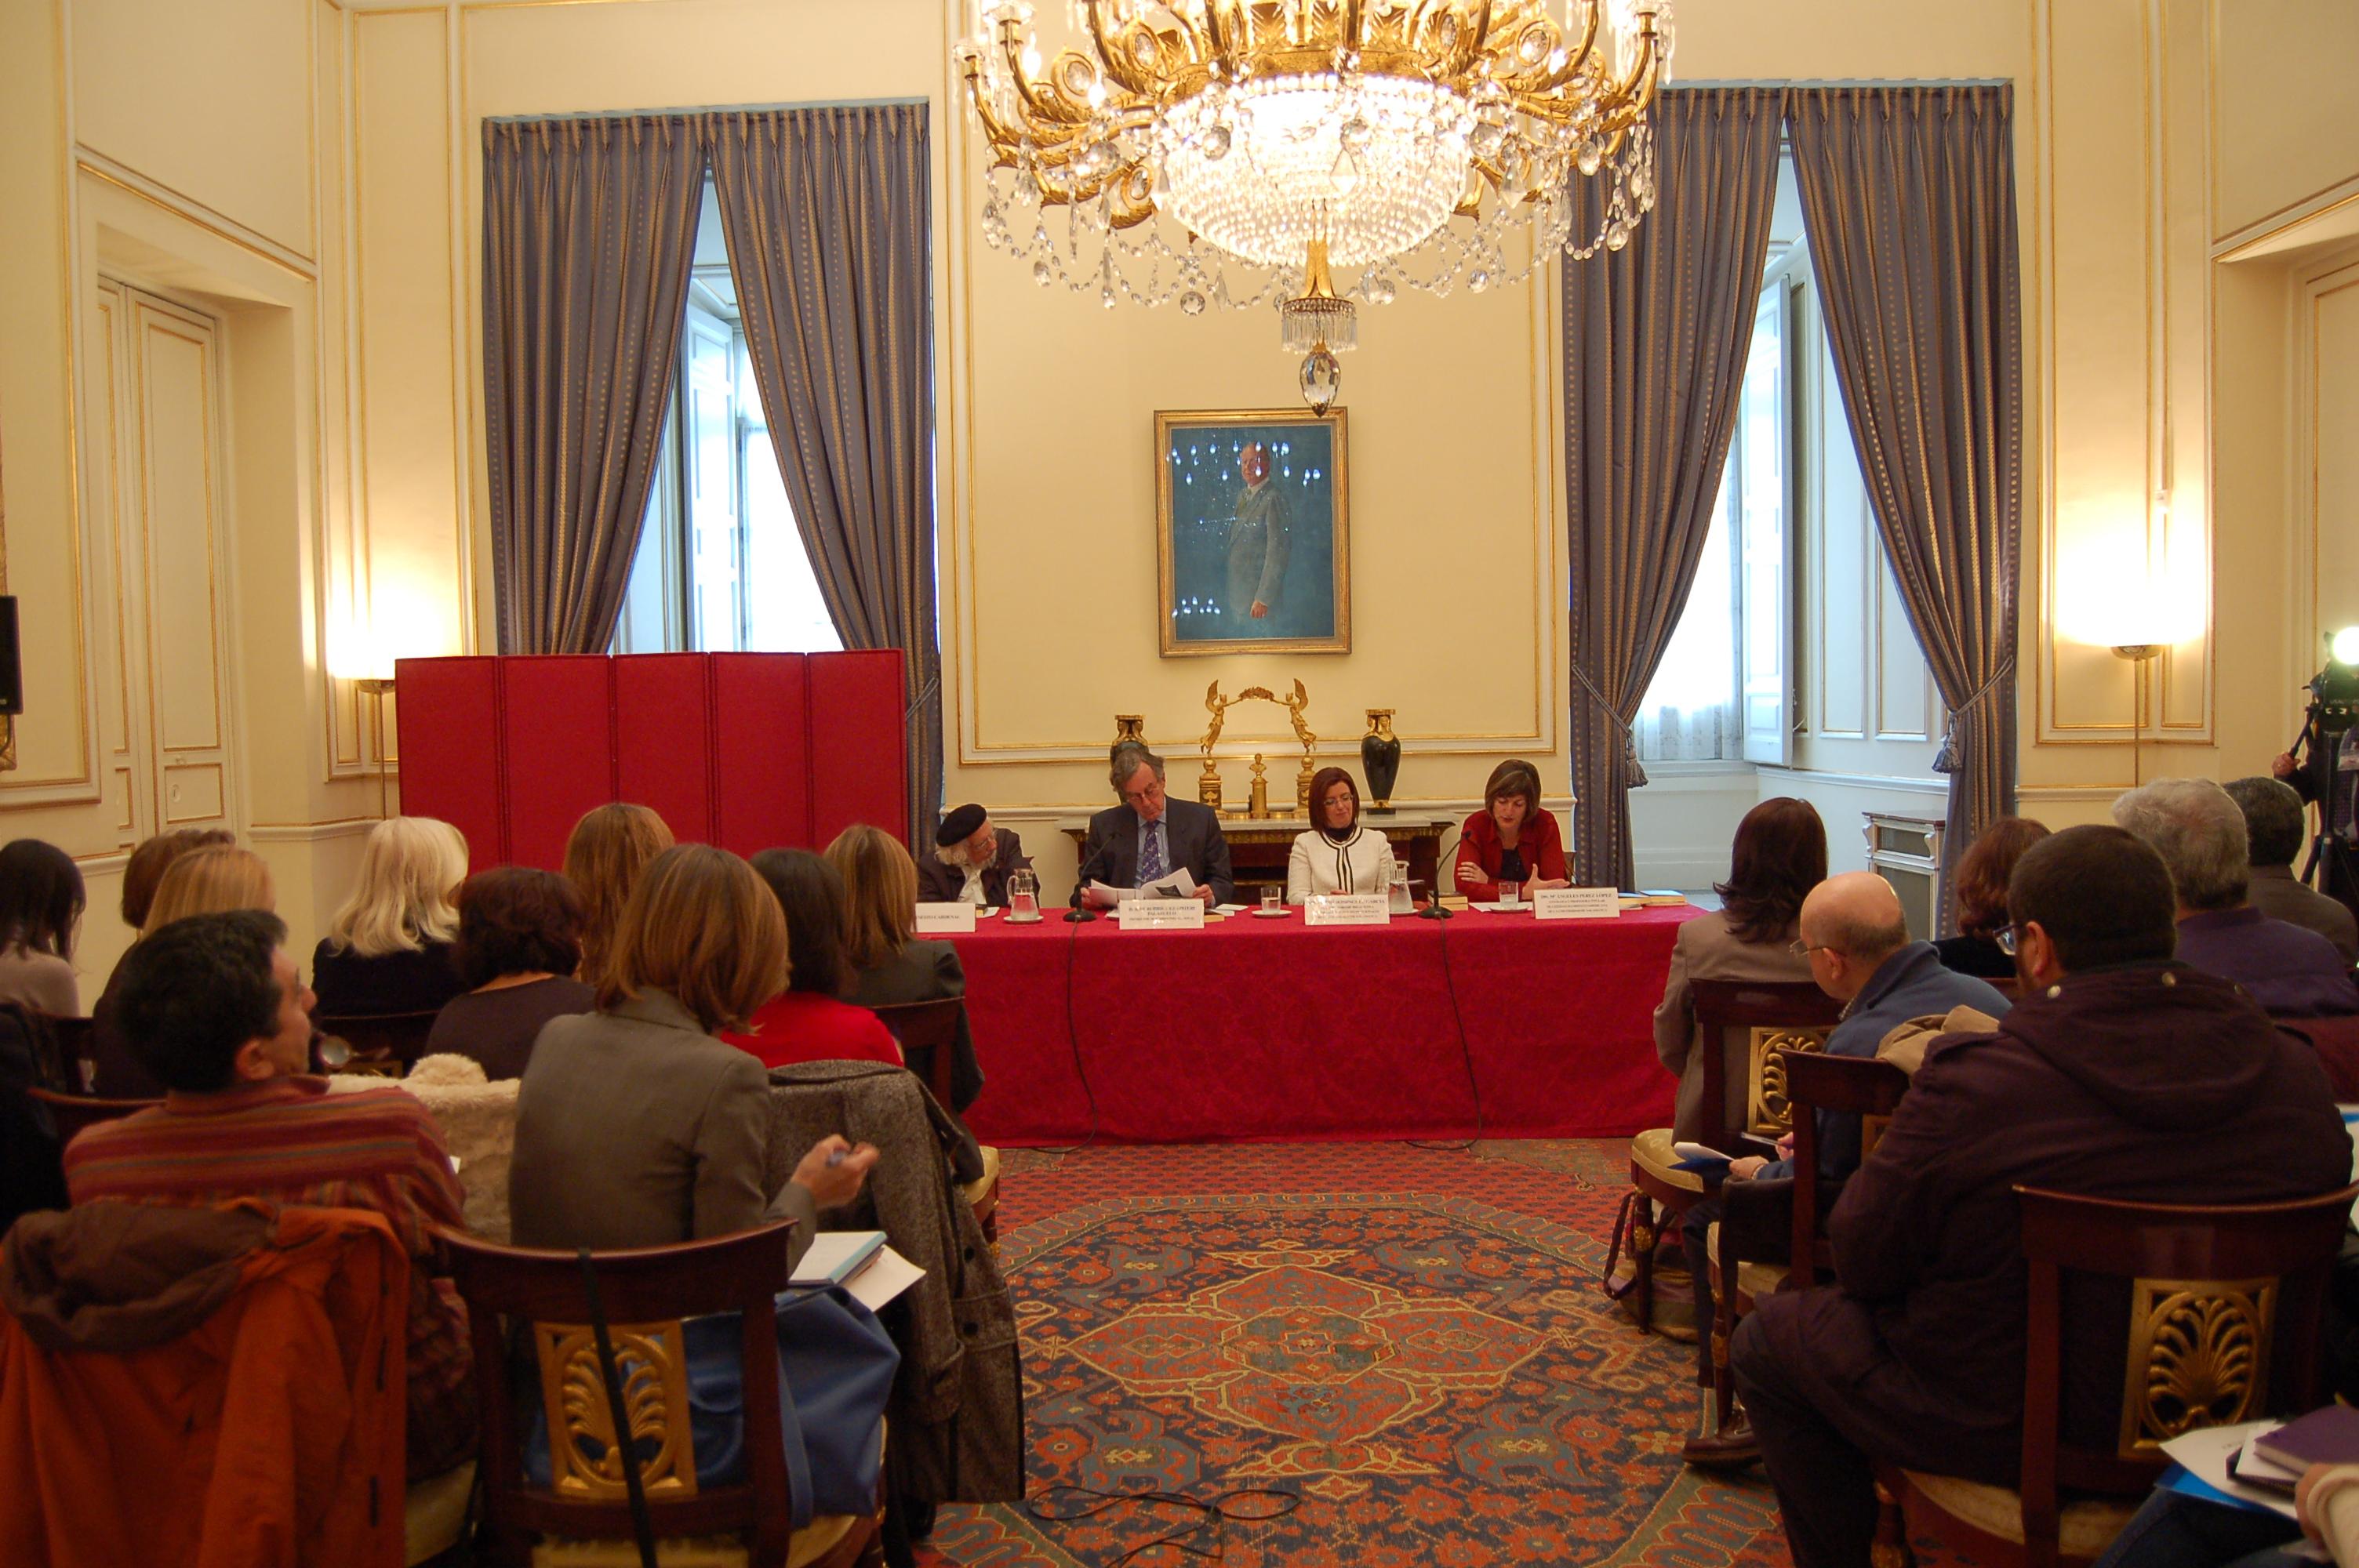 Universidad de Salamanca y Patrimonio Nacional presentan la antología poética del escritor nicaragüense Ernesto Cardenal